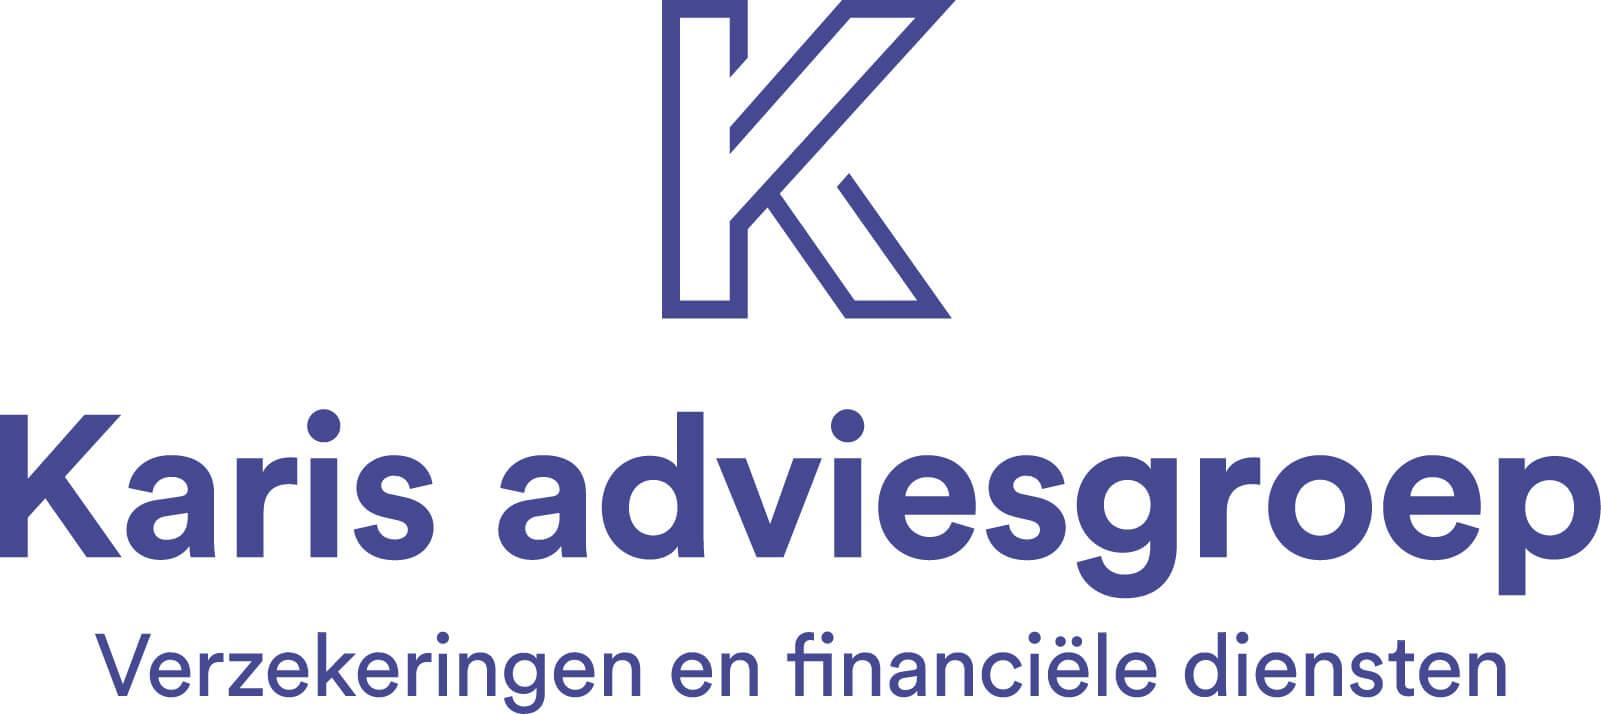 Karis Adviesgroep